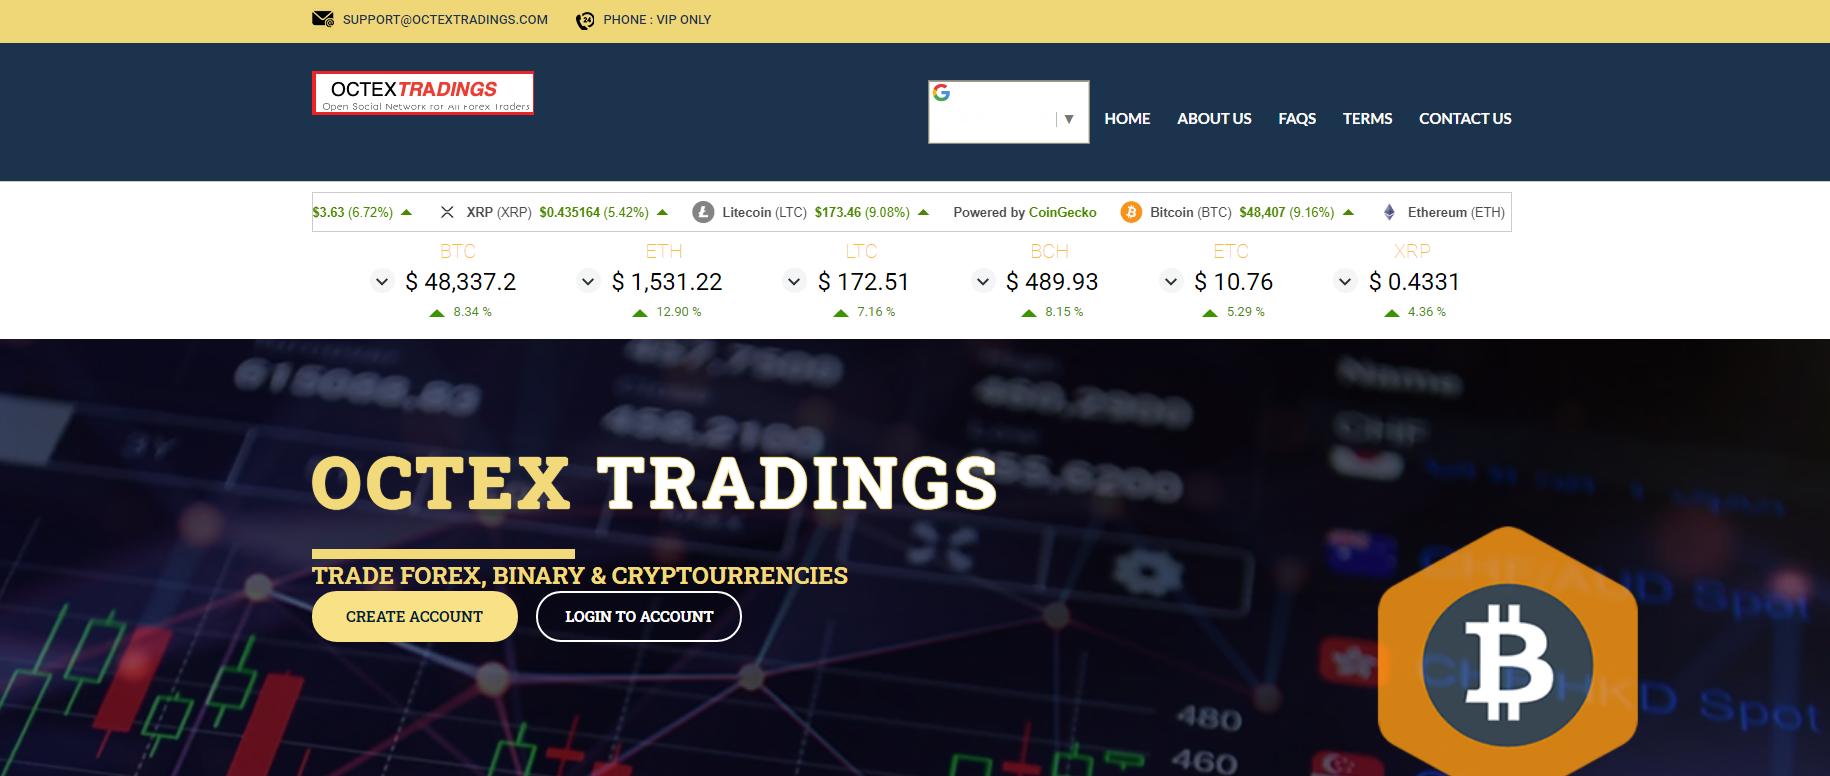 Деятельность компании Octex Tradings